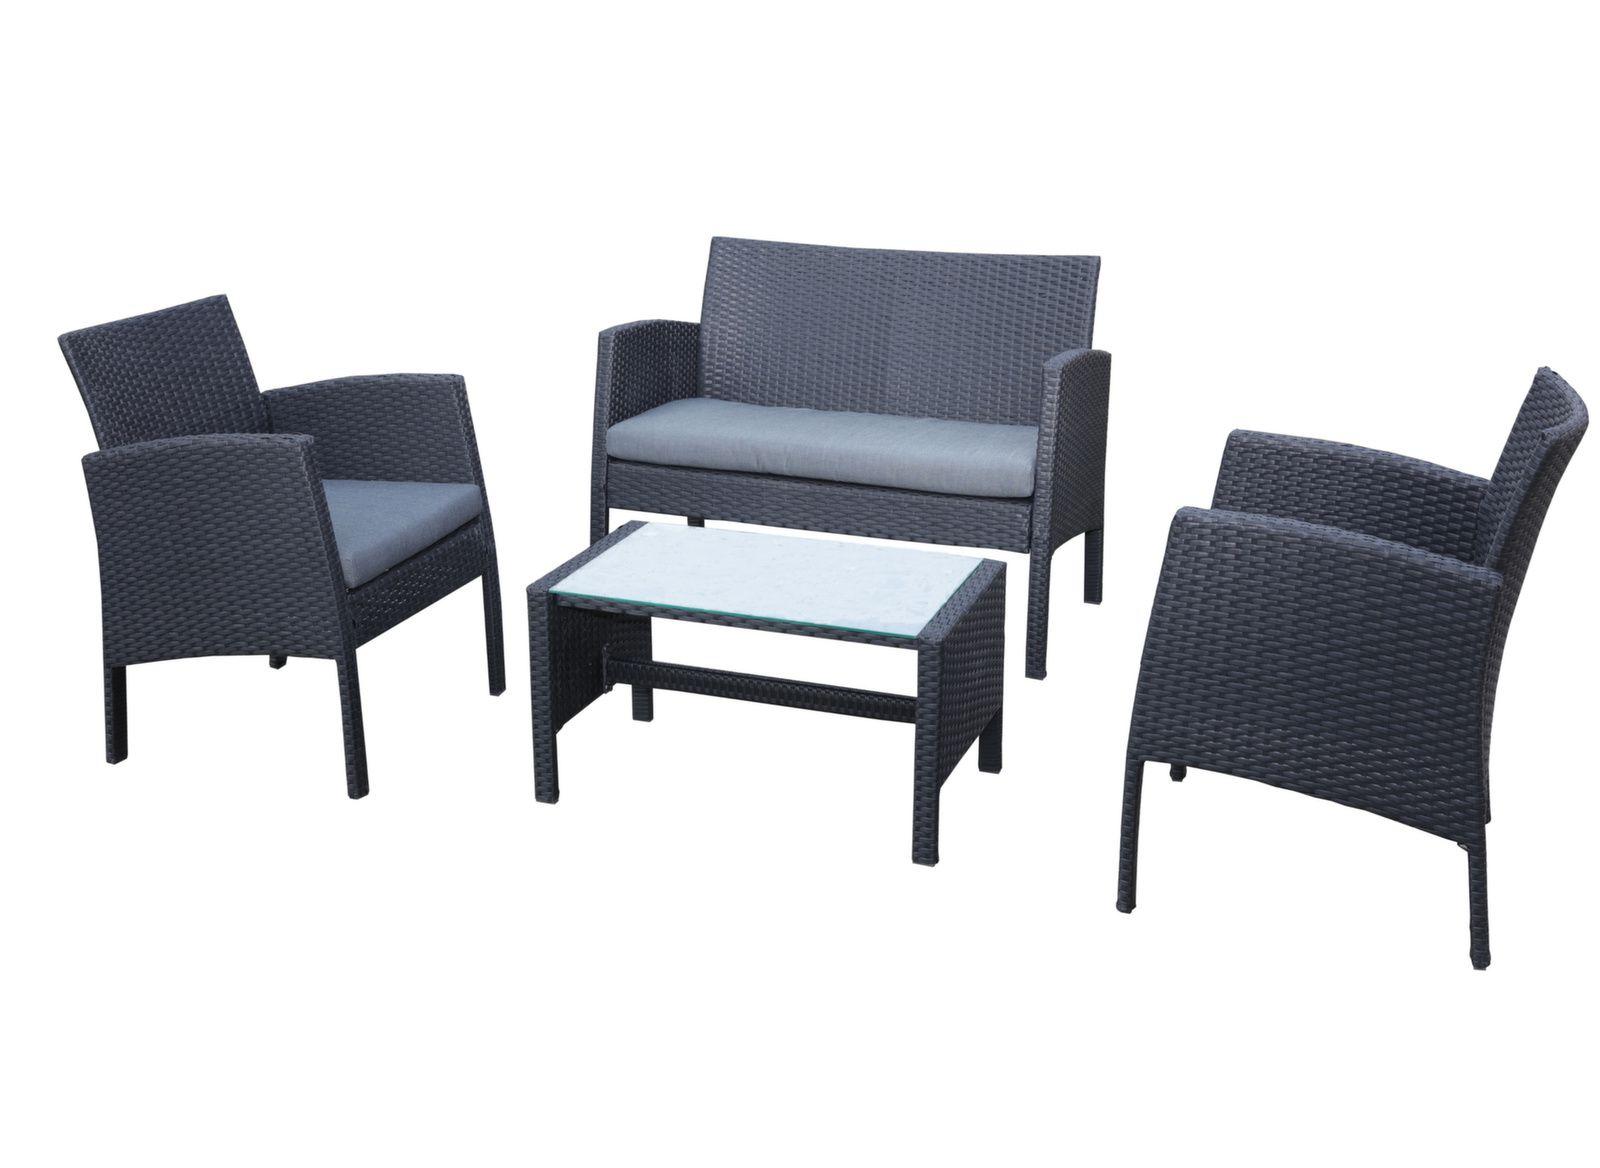 Salon de jardin Ibiscus - Canapé et fauteuils de jardin - Proloisirs